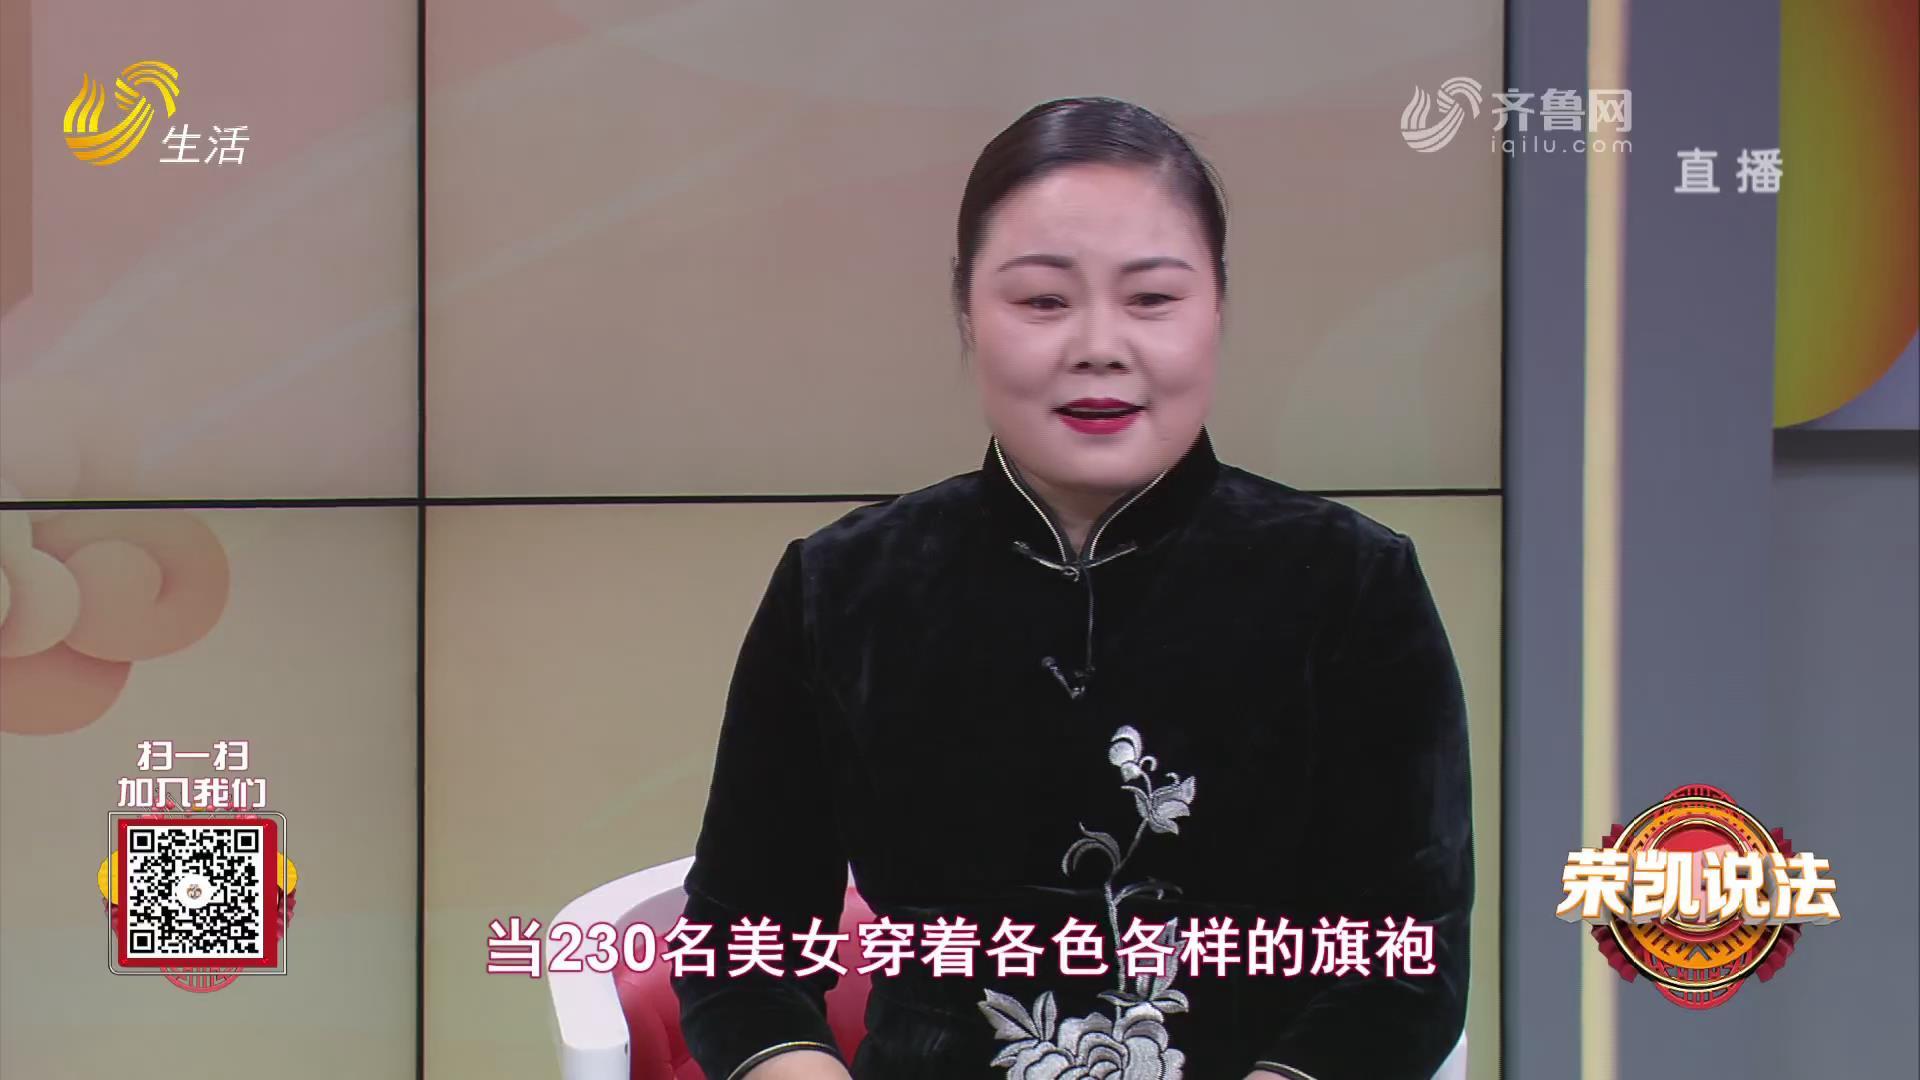 中国式养老-赵团长:华丽优雅 向善向美